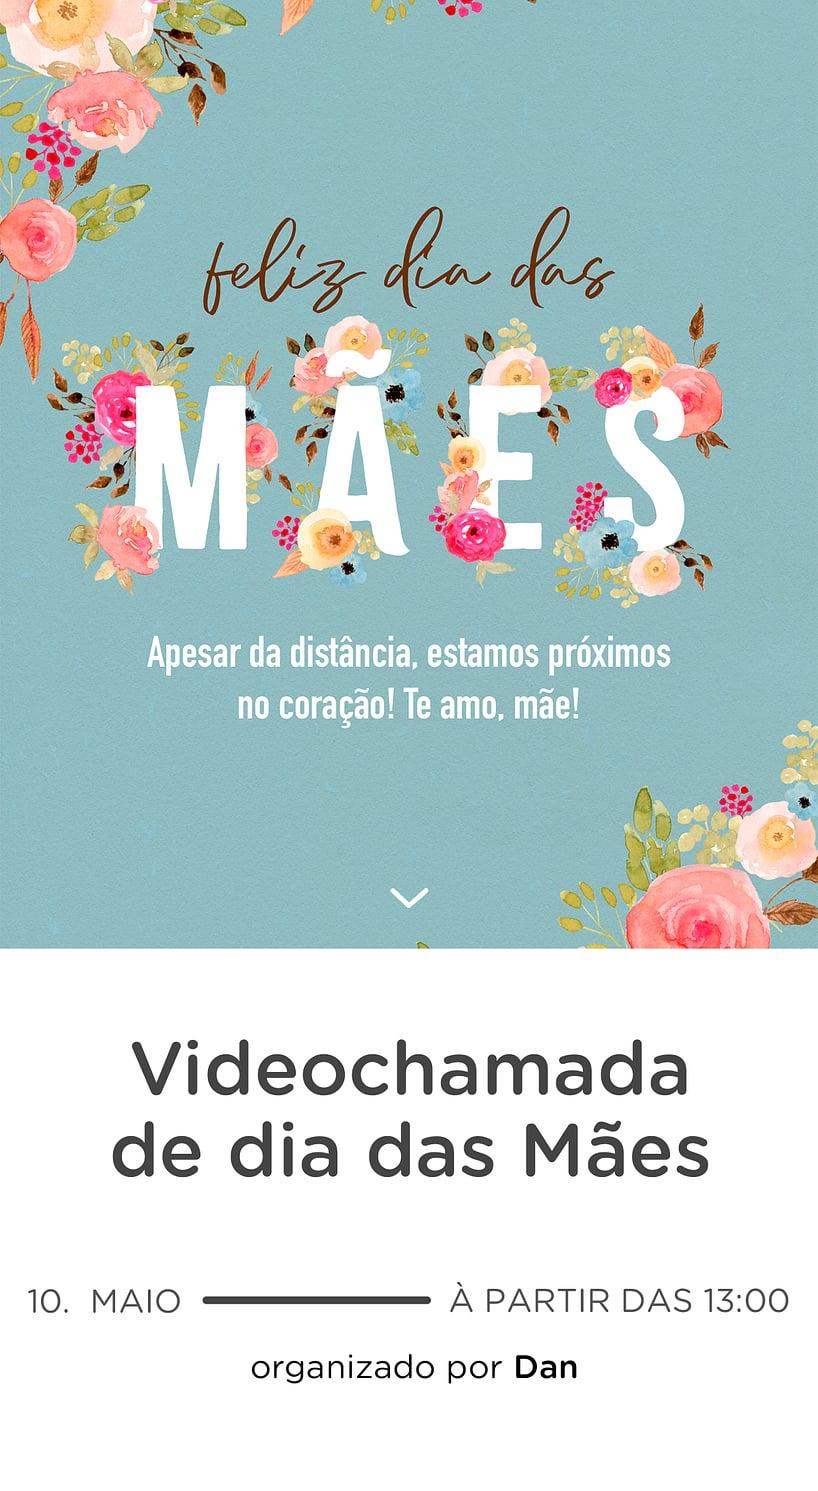 Vibe de Encontro Virtual - Dia das Maes Florido